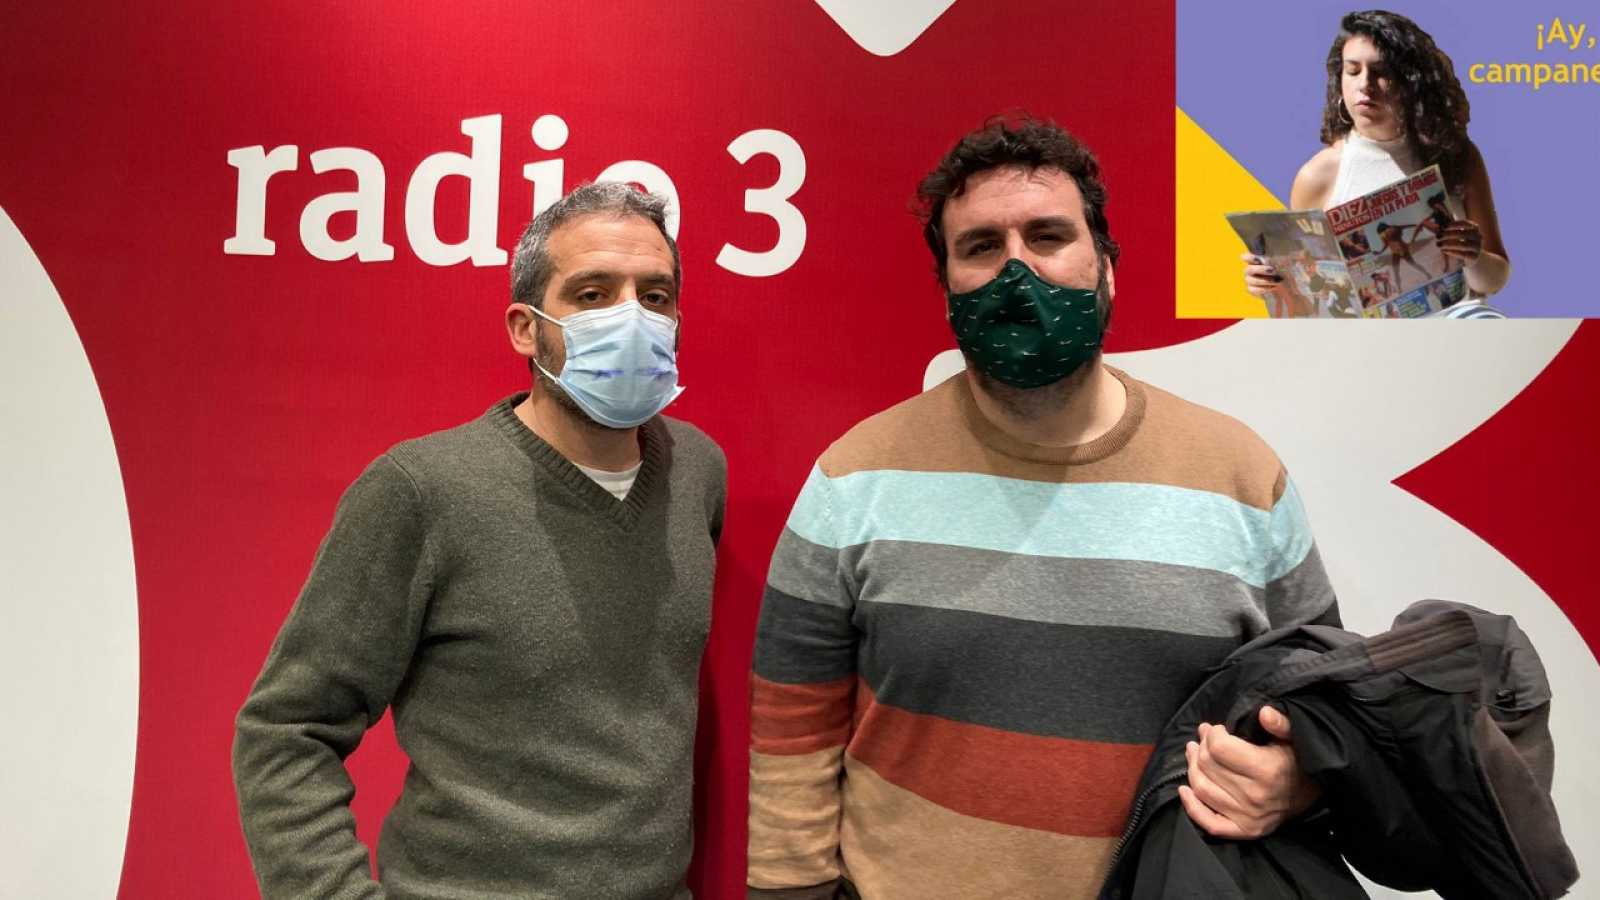 Hoy empieza todo con Ángel Carmona - The Queer Cañí Bot, Jaime Cruz y Rozalén - 09/02/21 - escuchar ahora